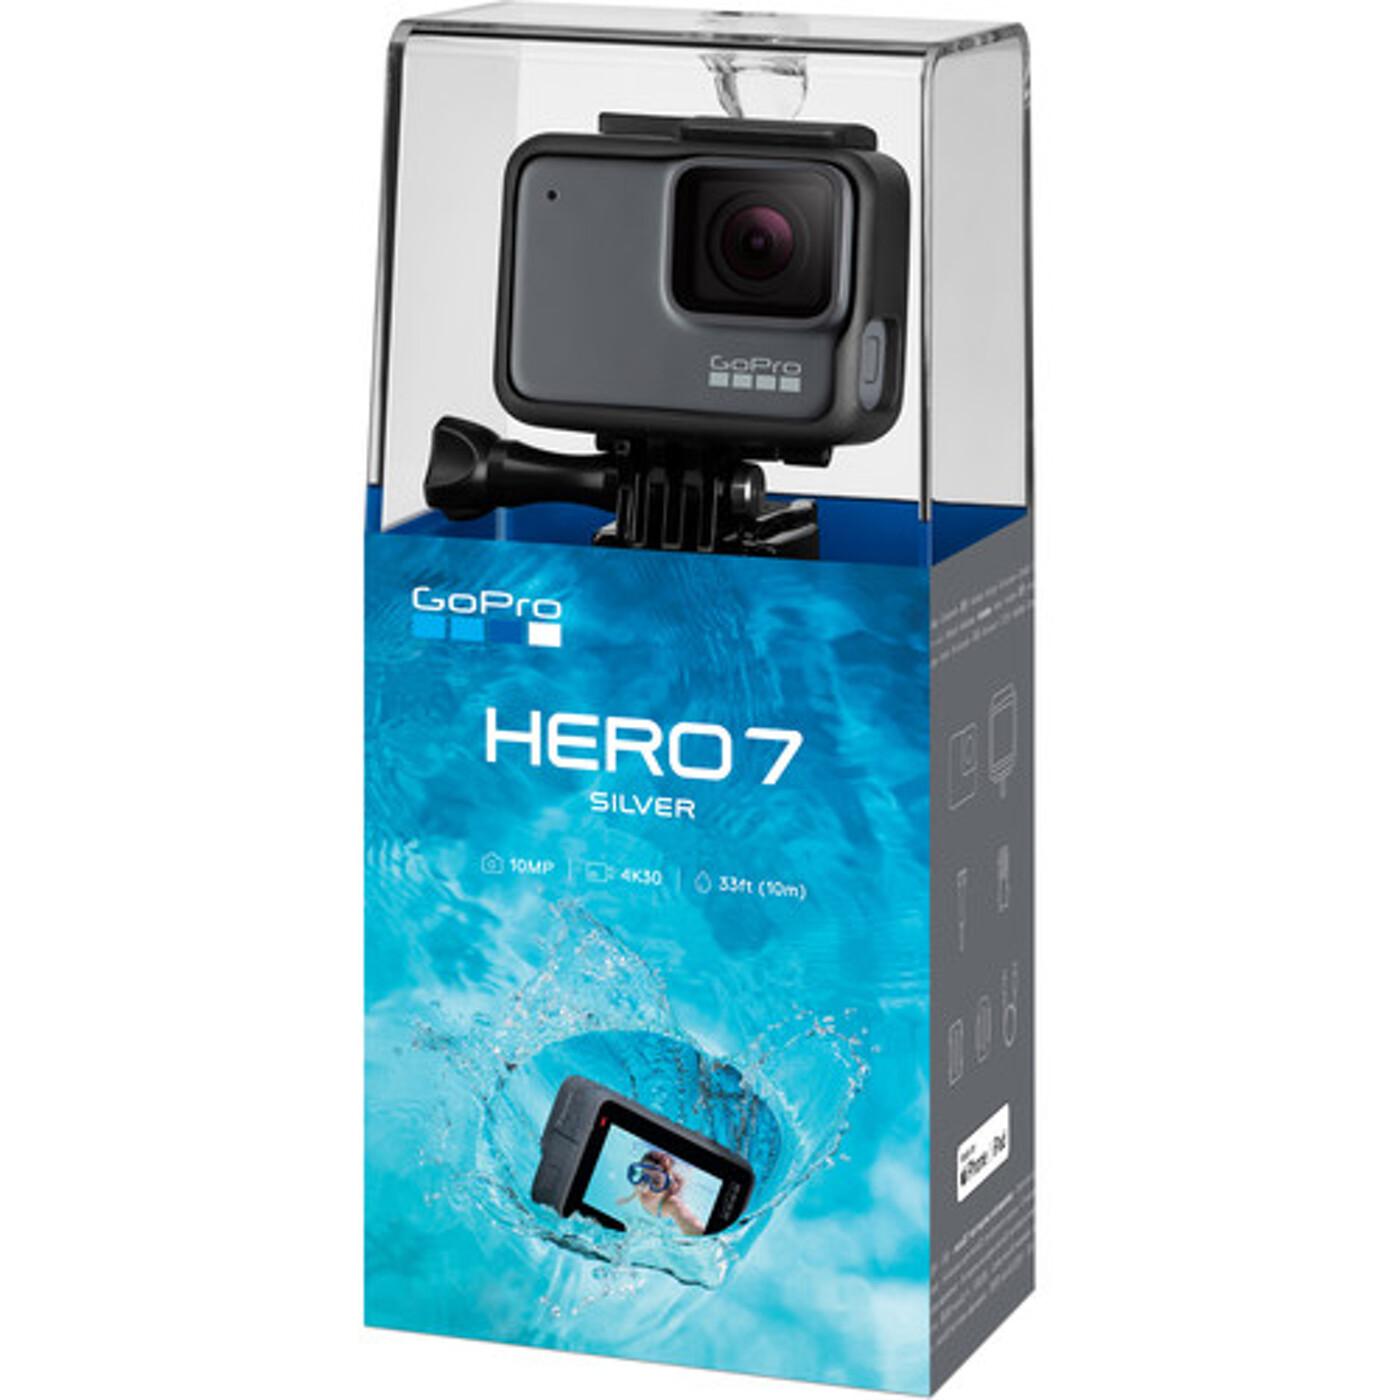 Kamera HERO 7 silver GoPro